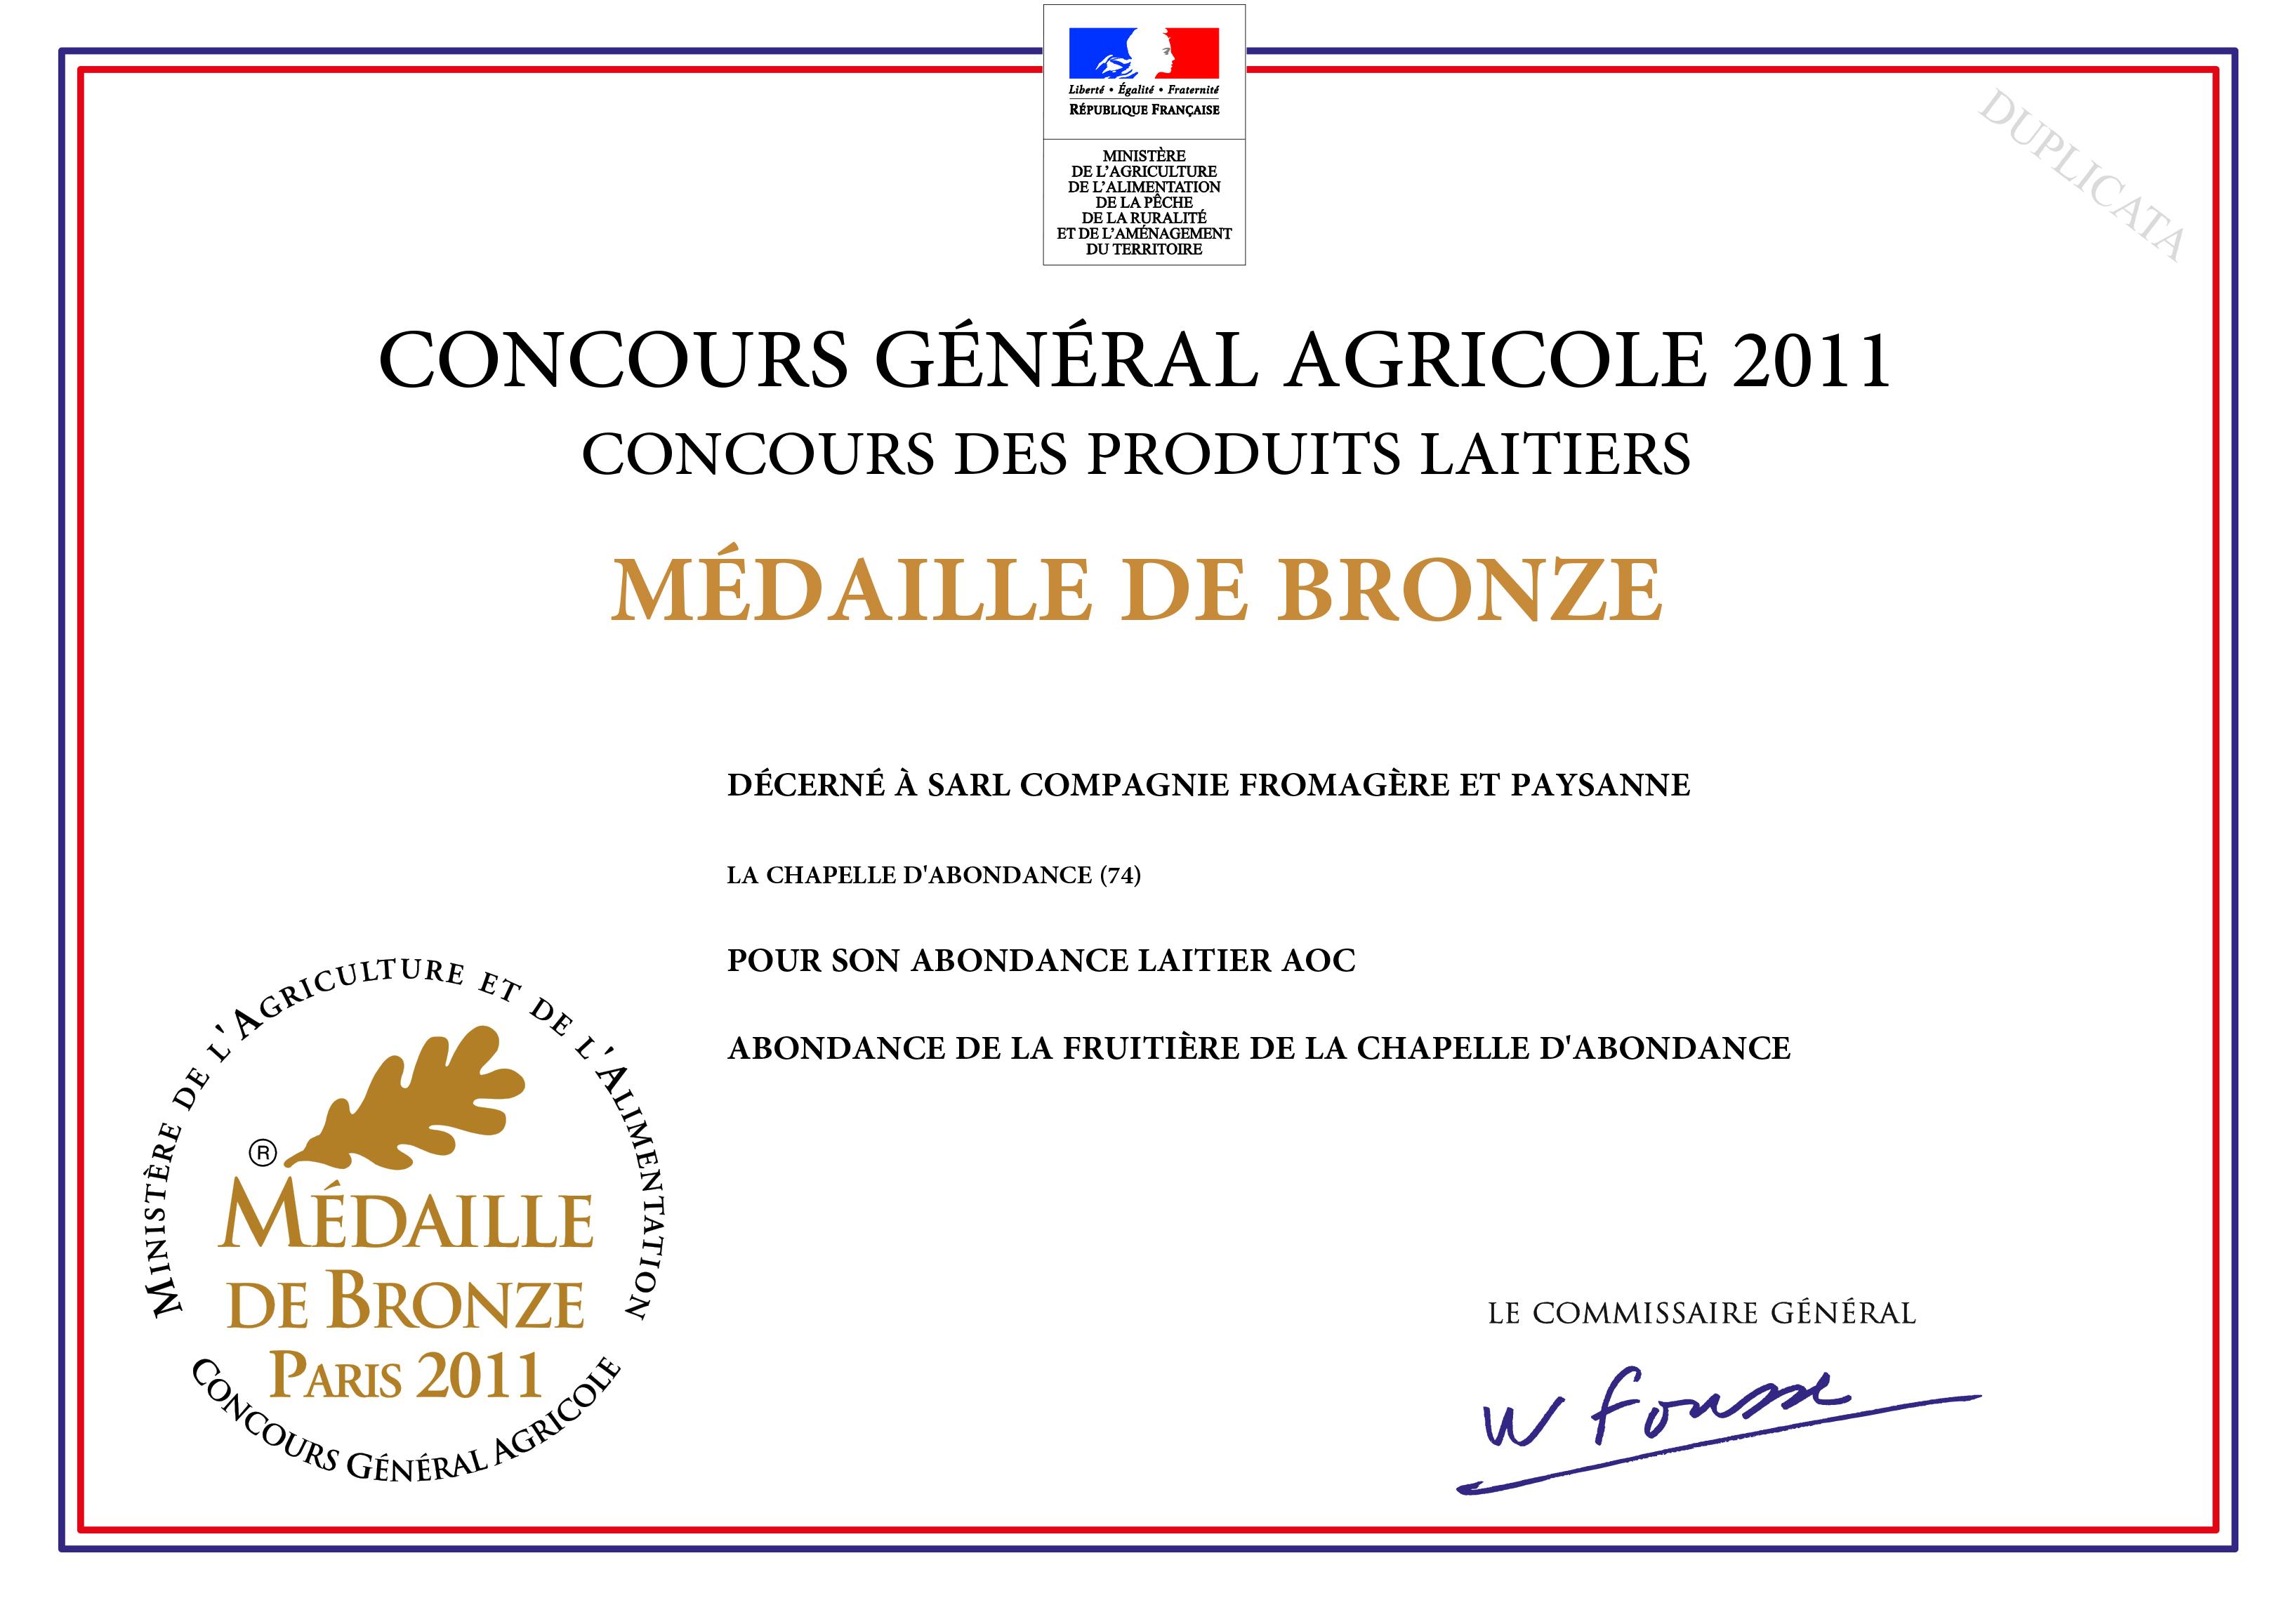 Médaille de bronze pour l'Abondance laitier AOC 2011